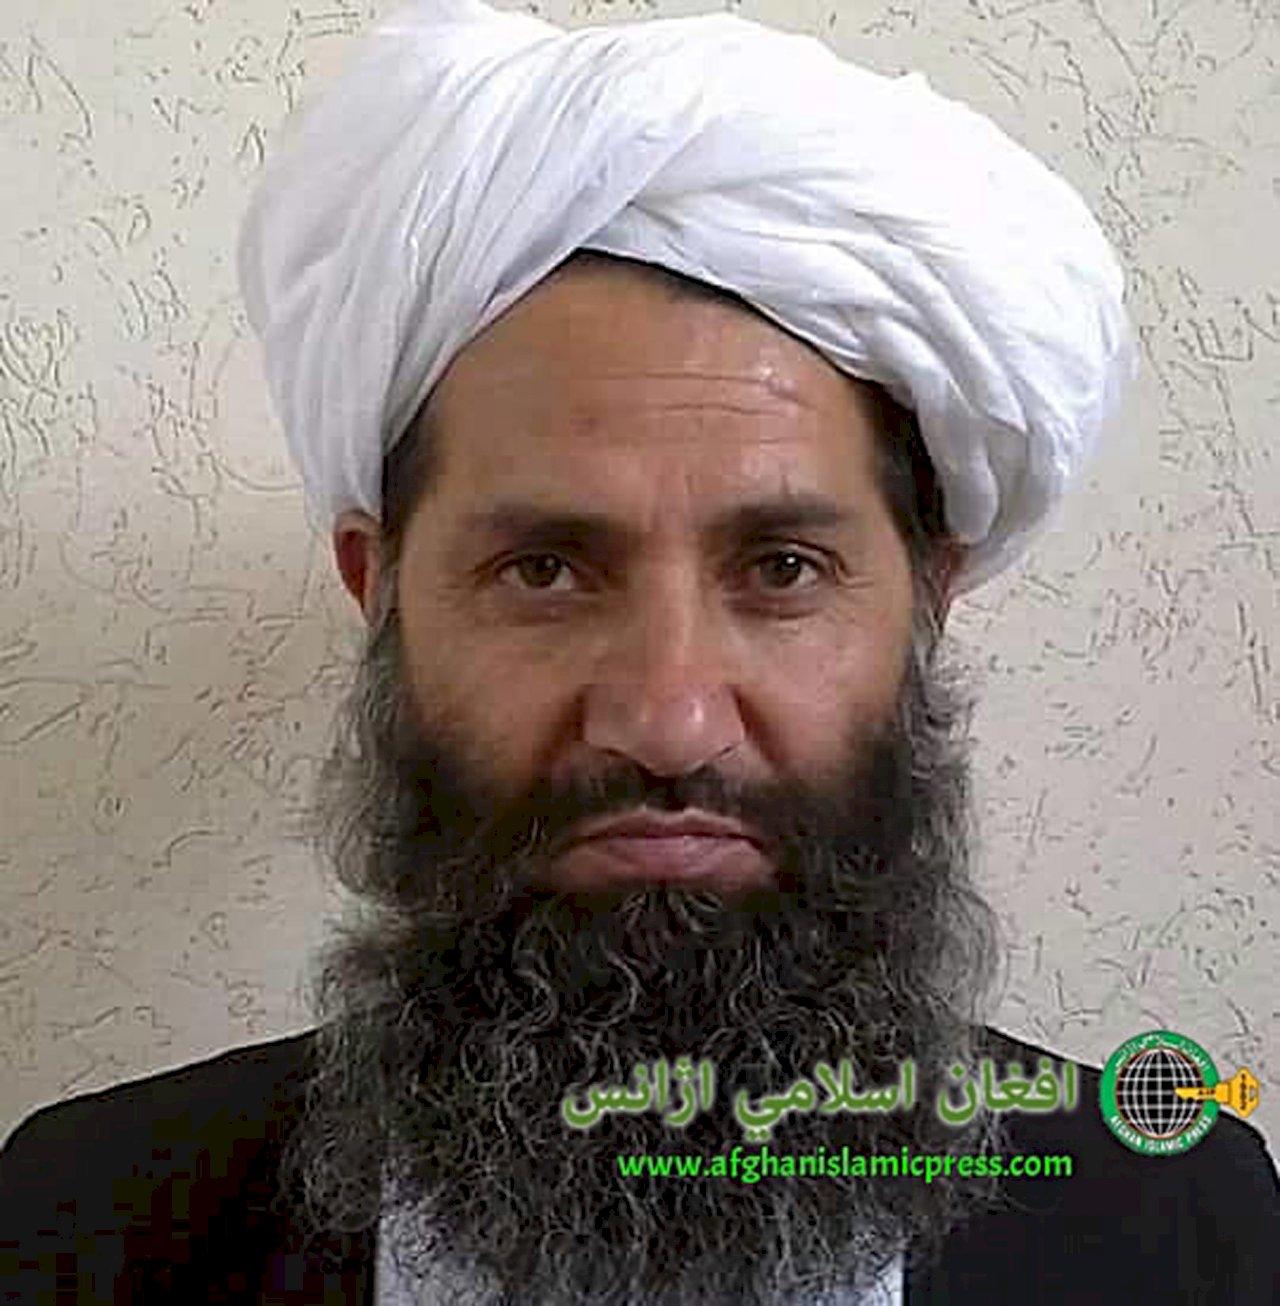 籠罩神秘面紗! 塔利班領導層揭密